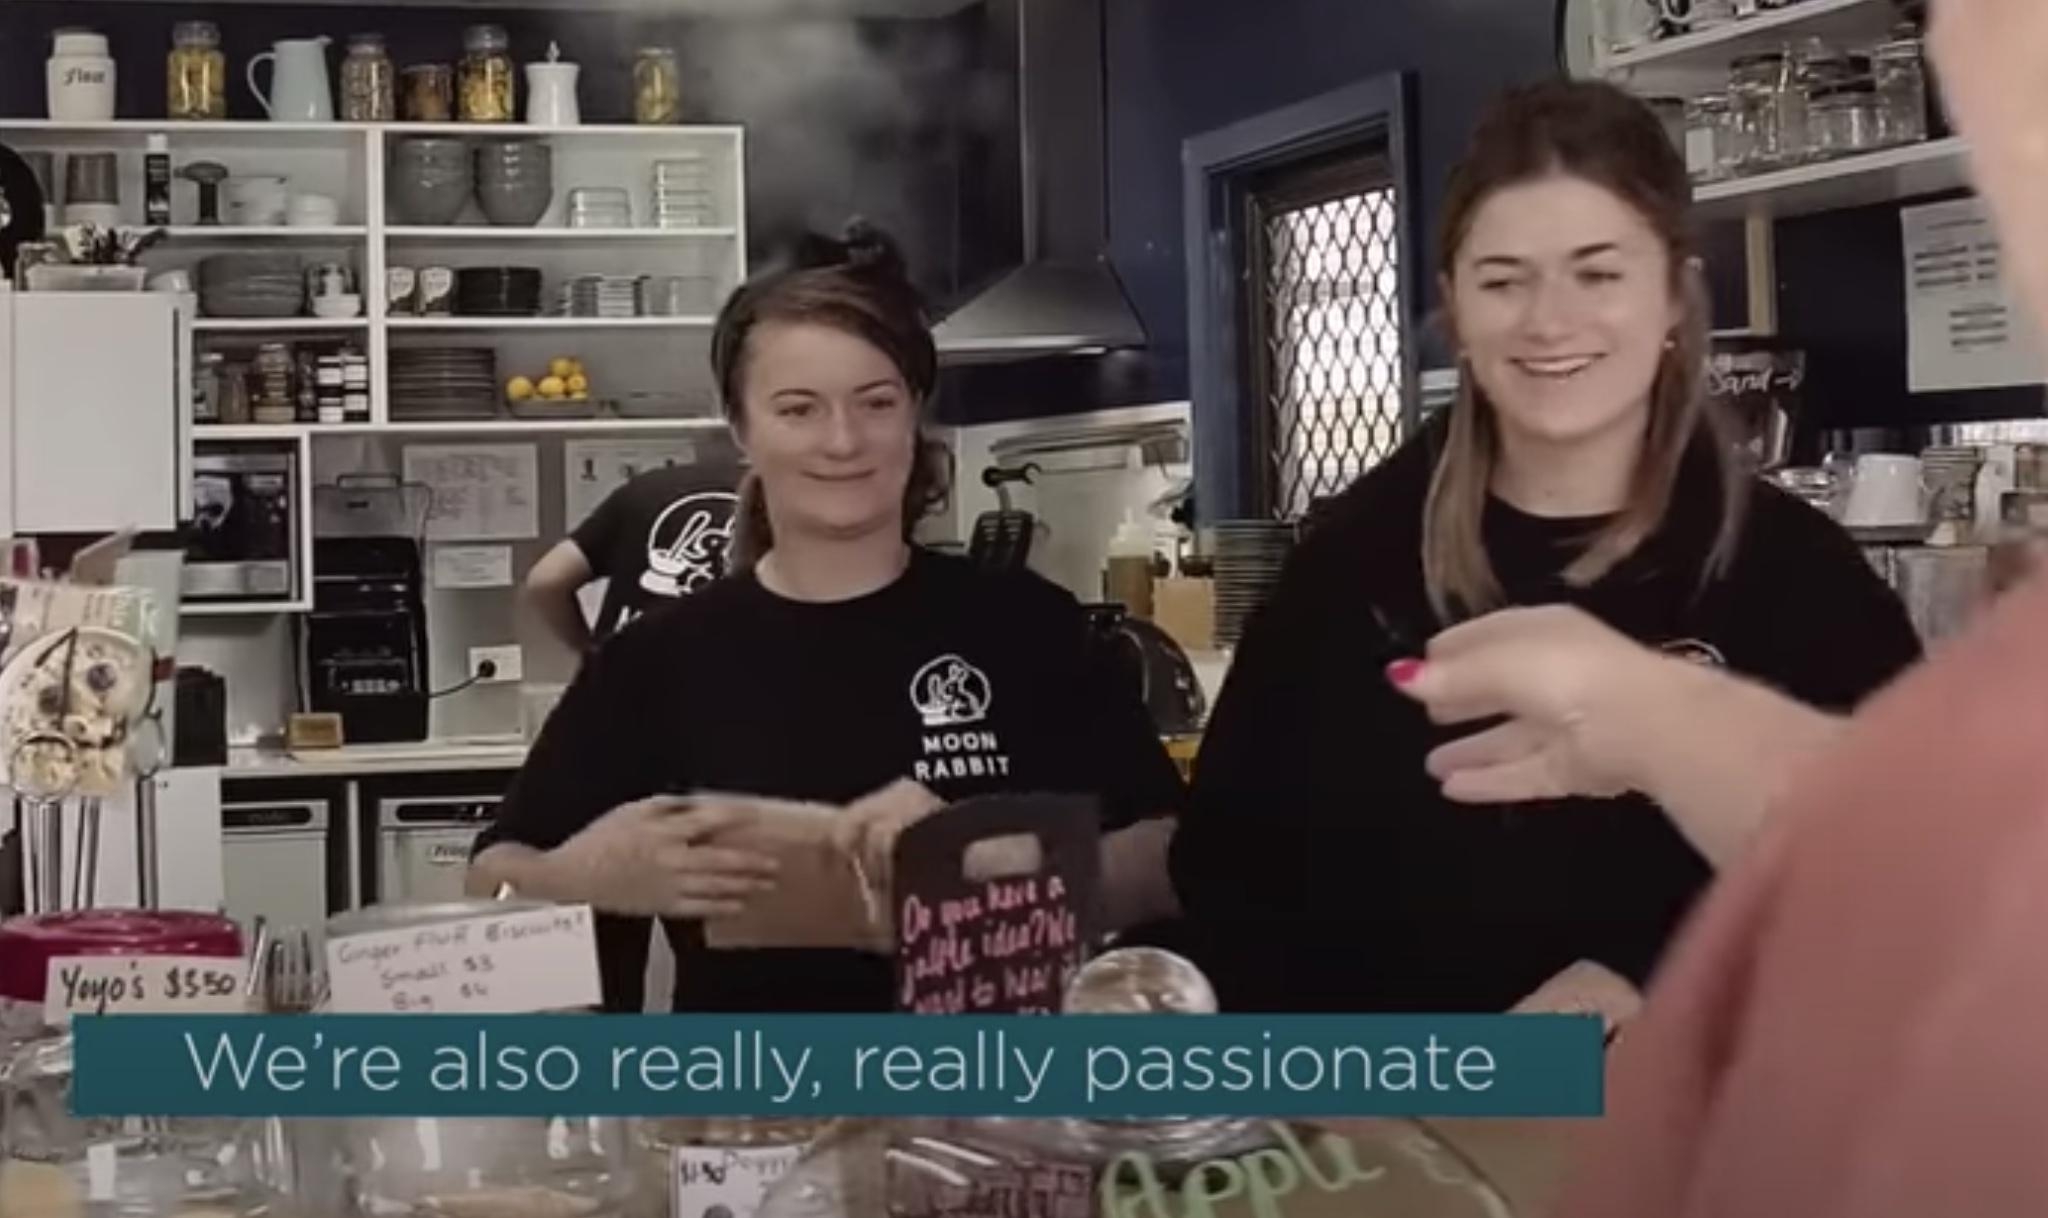 Moon Rabbit Social Enterprise Cafe in Action